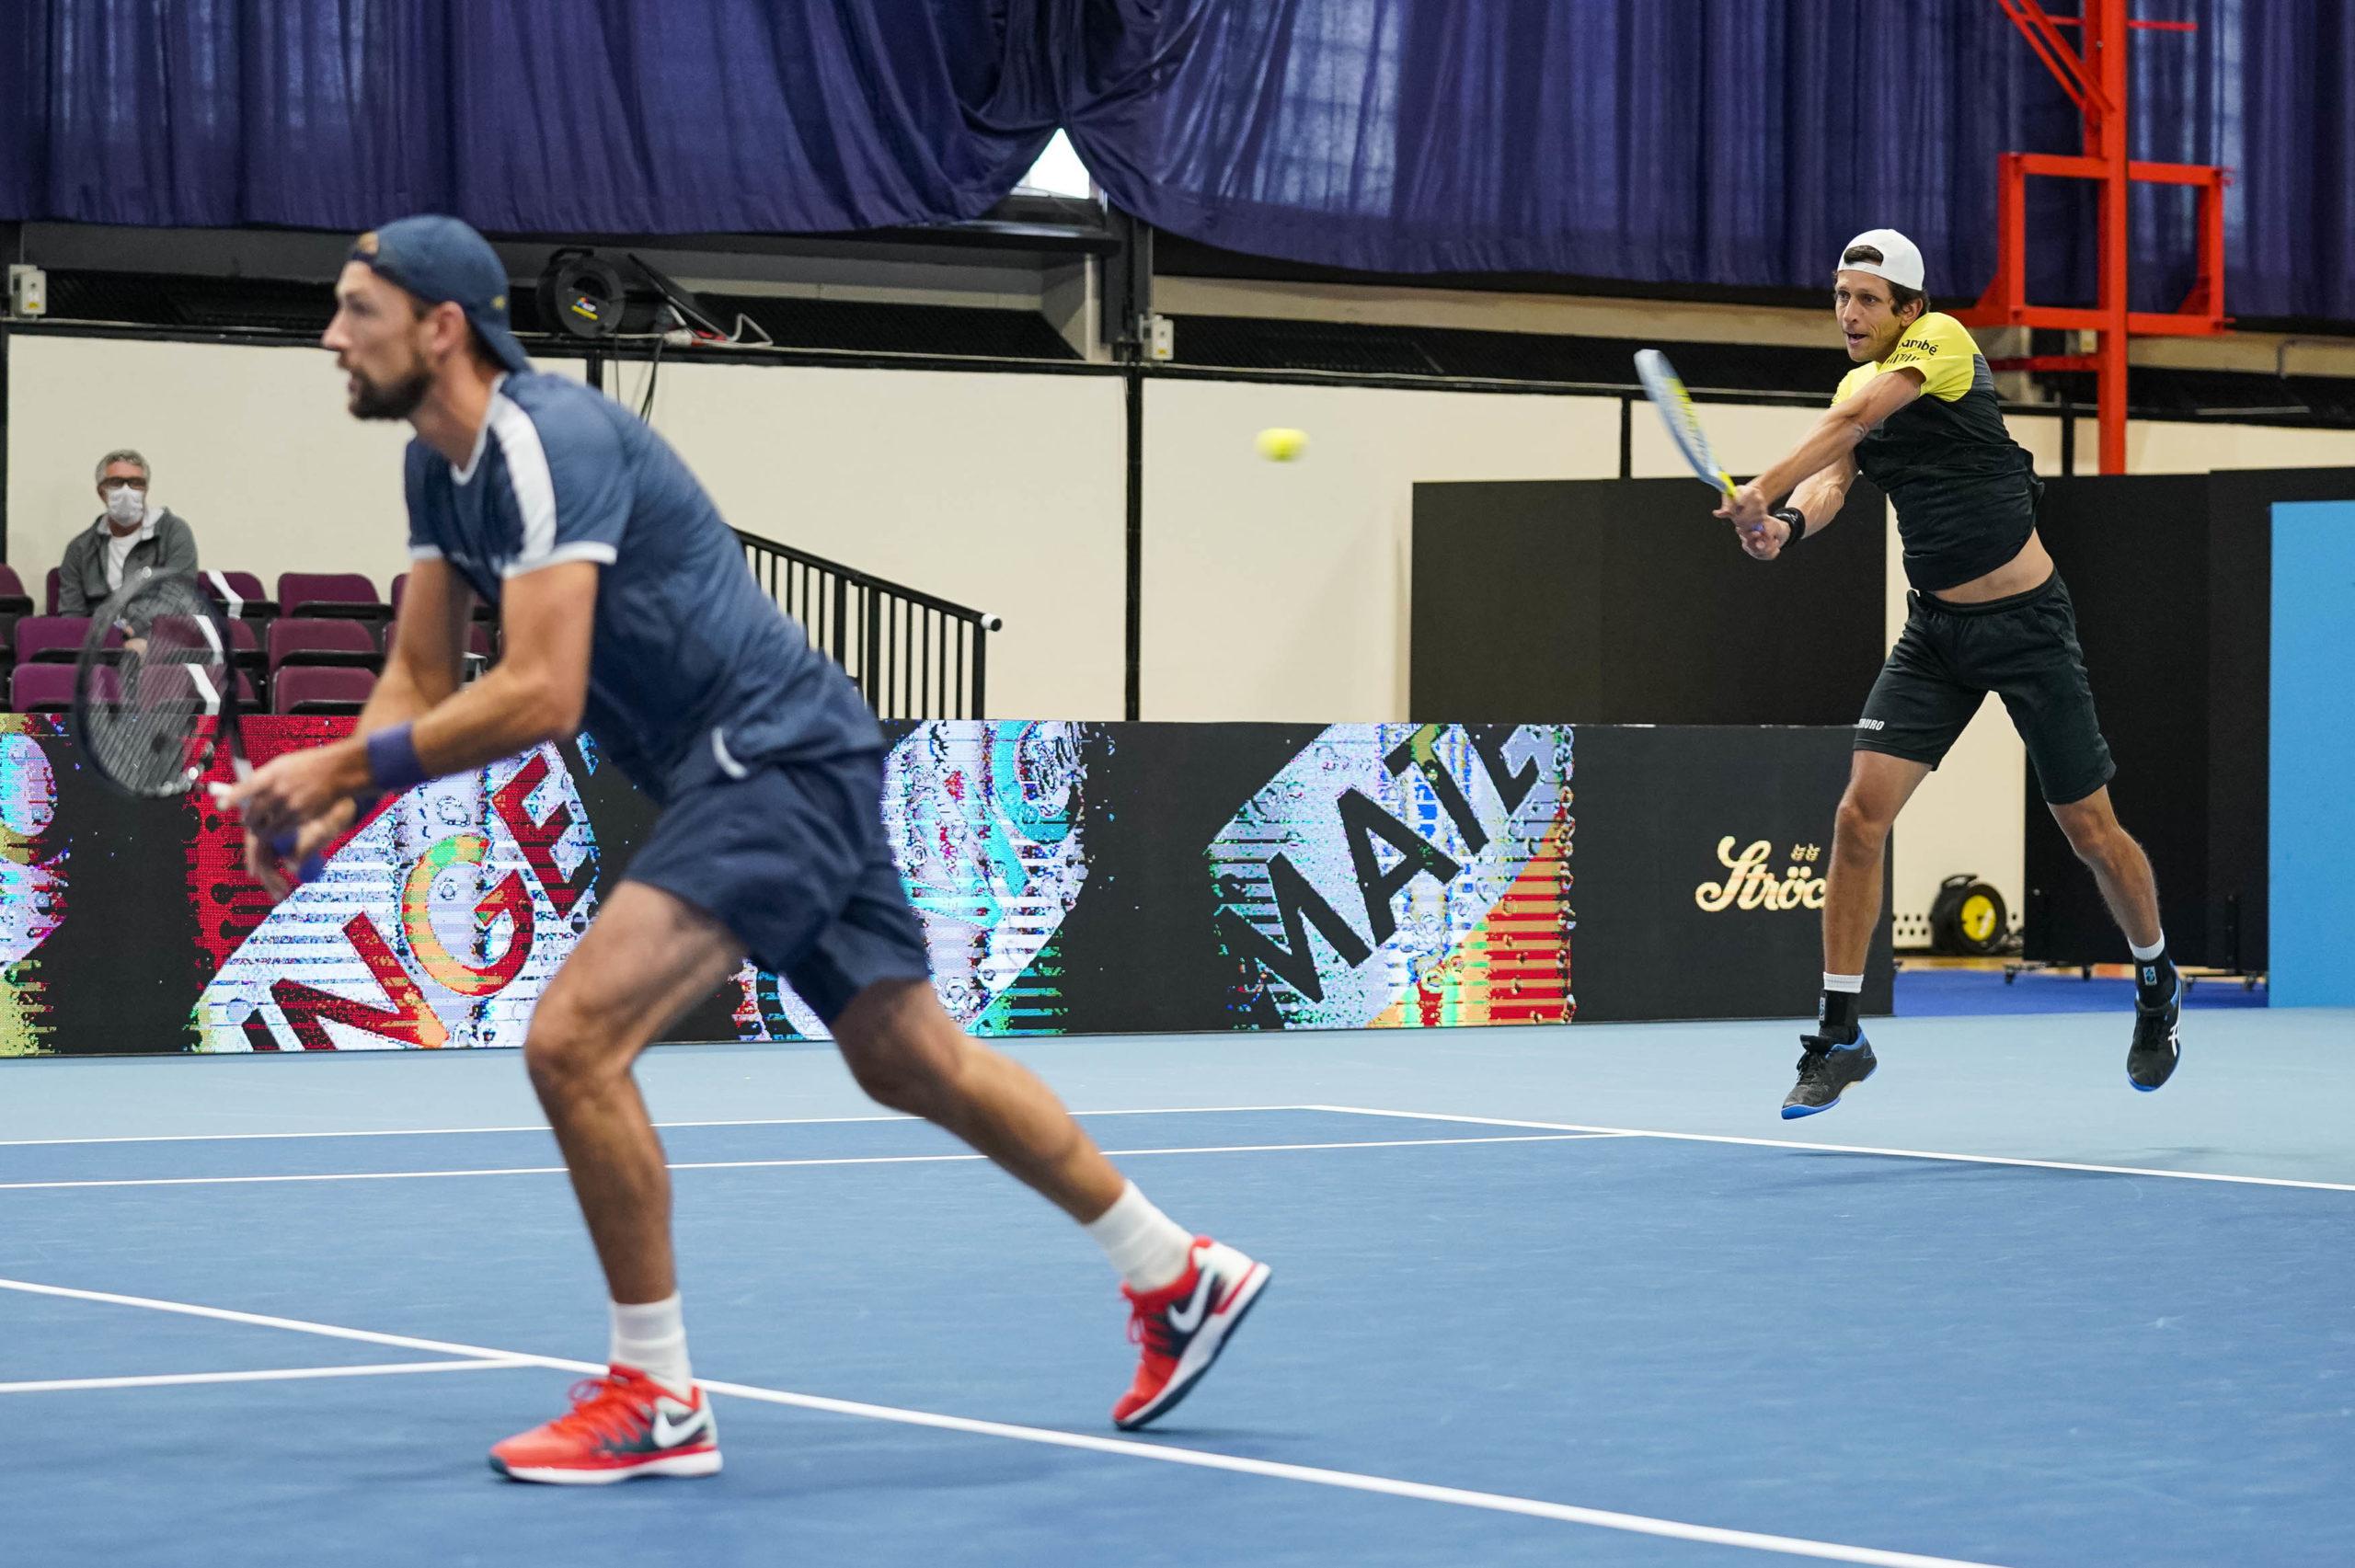 Melo e Kubot avançam para a semifinal no ATP 500 de Viena